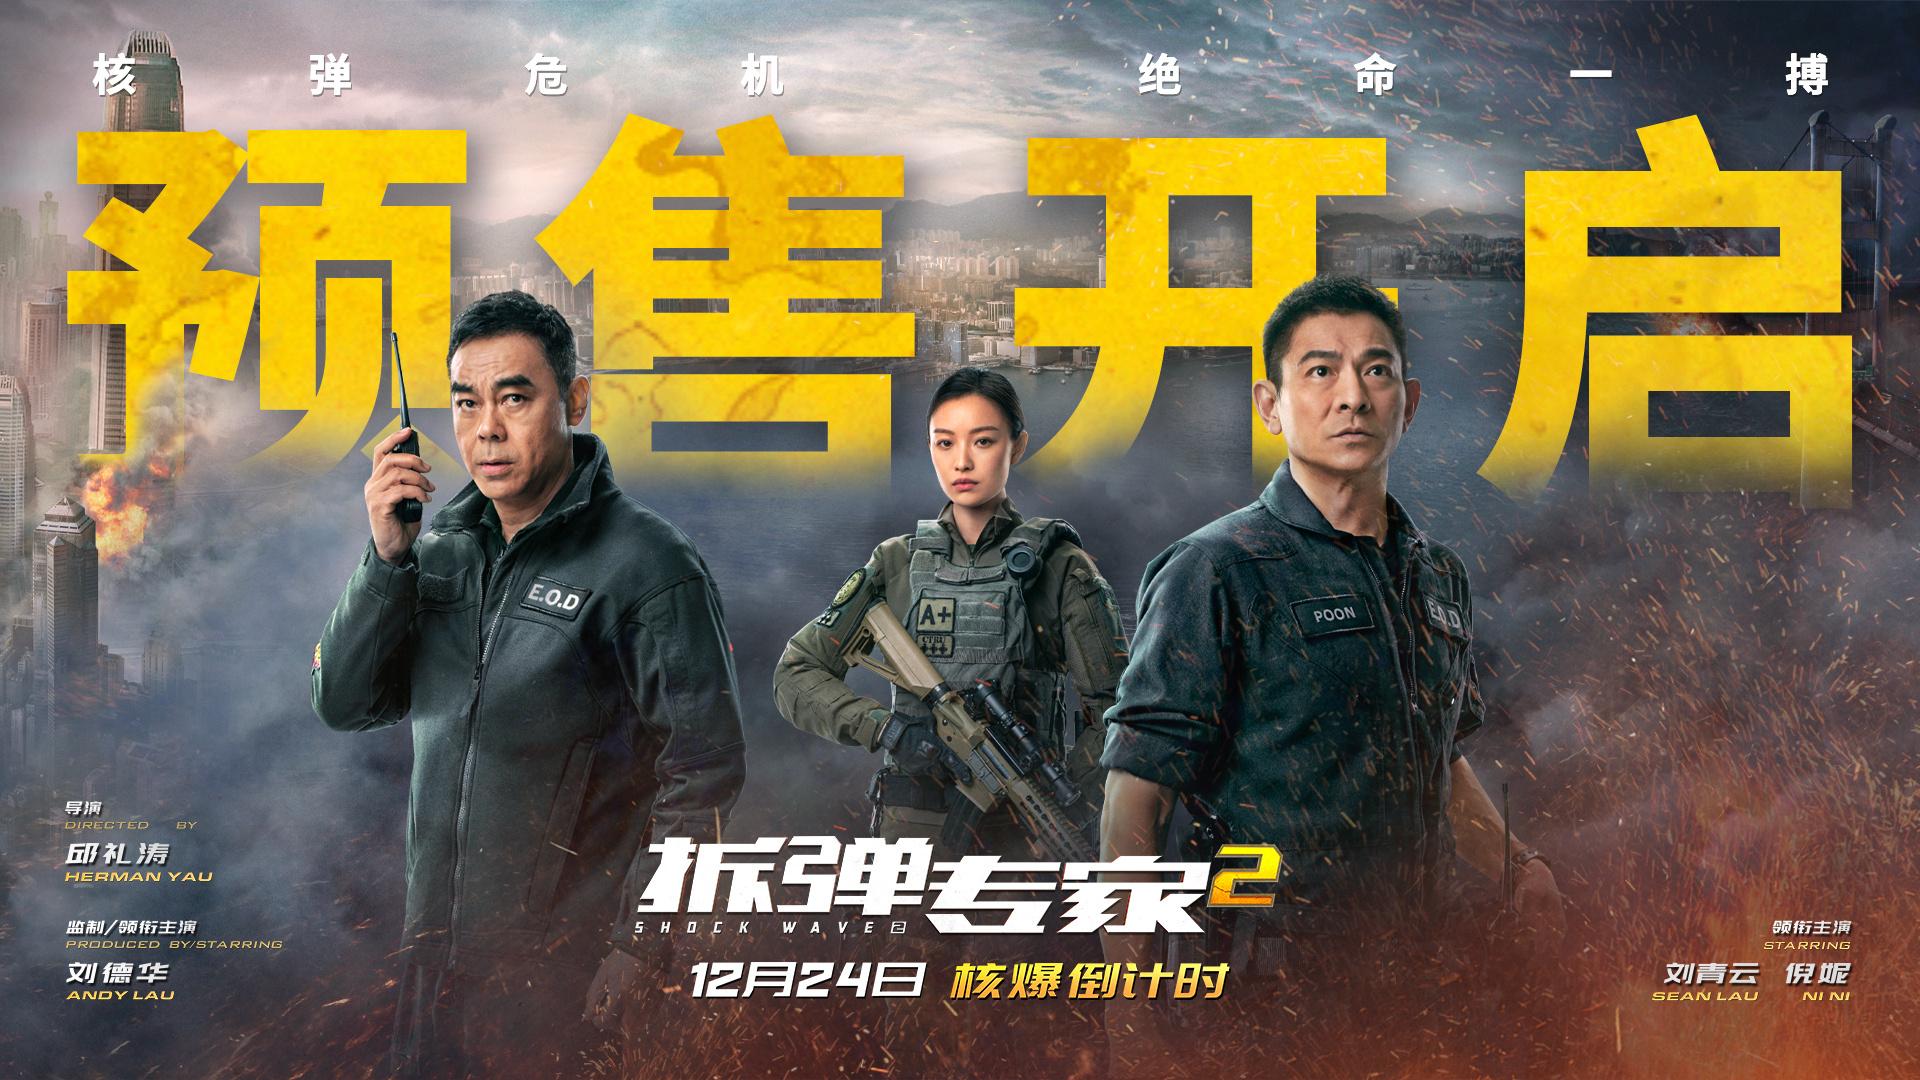 《拆弹专家2》曝终极预告 刘德华刘青云直面危机